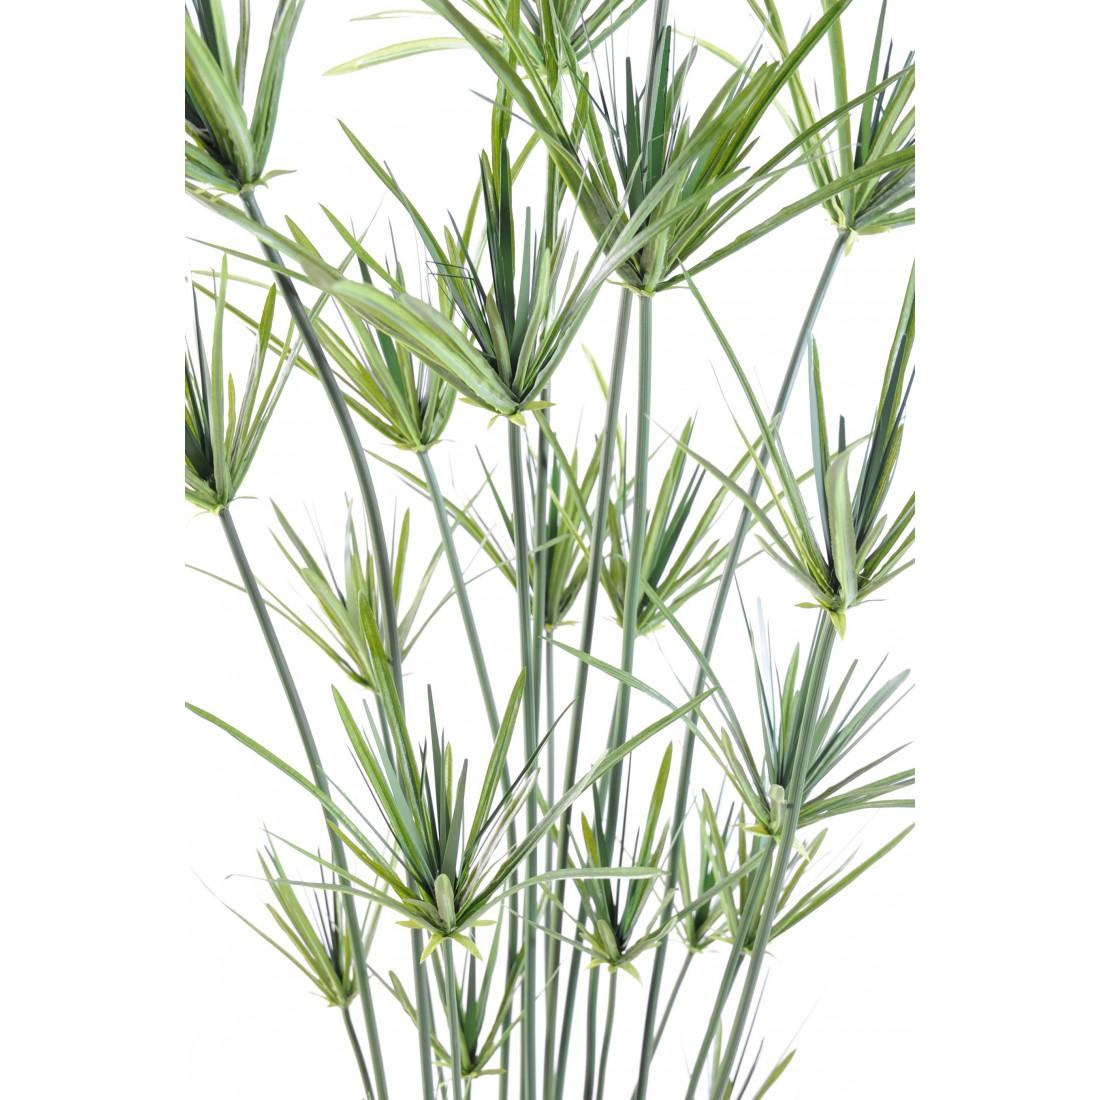 papyrus artificiel 110 cm fleurs des champs artificielles reflets nature lyon. Black Bedroom Furniture Sets. Home Design Ideas